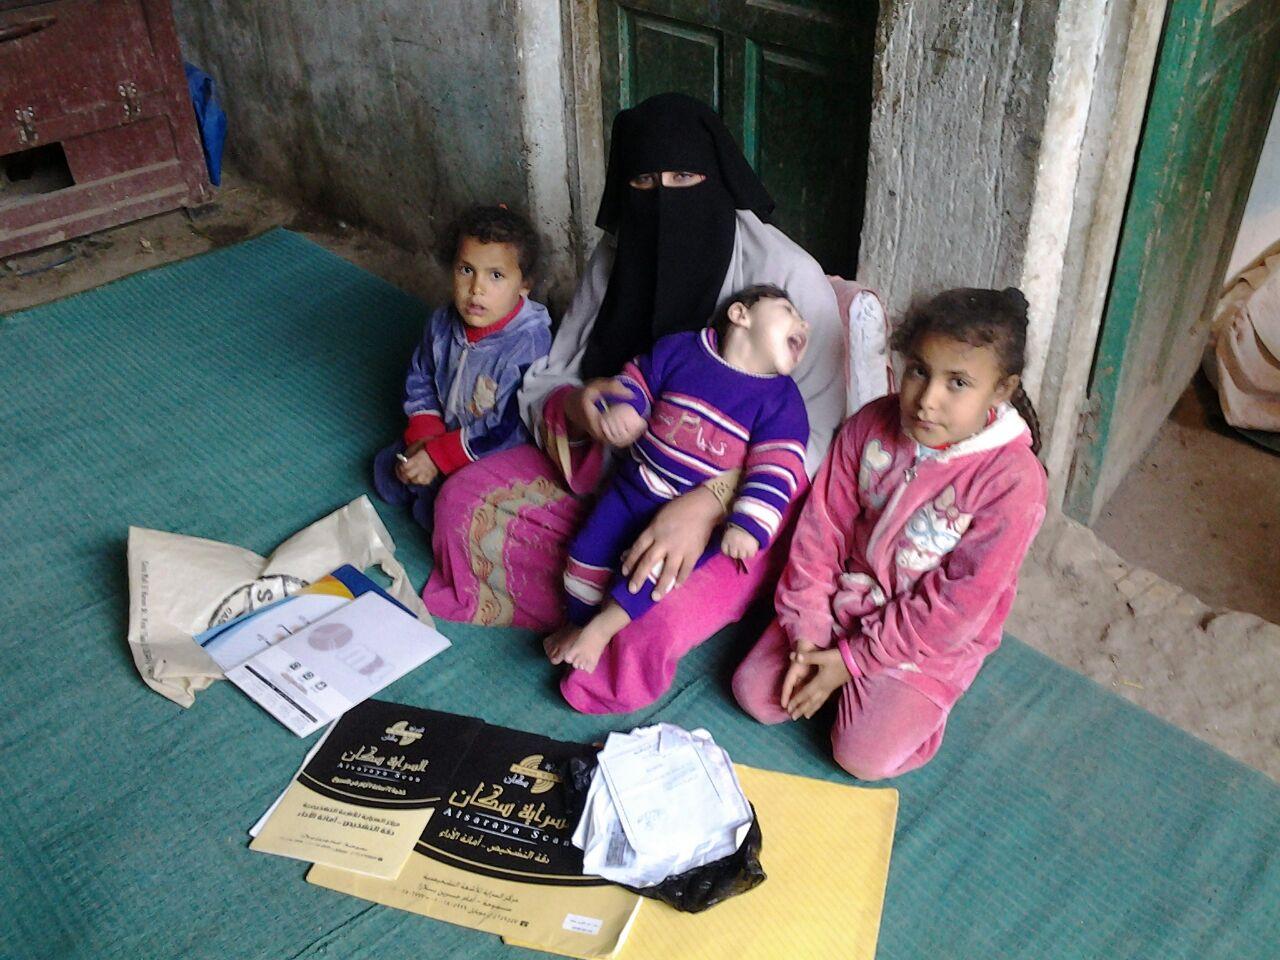 الطفل المريض محمد عبد الكريم ووالدته وأشقاؤه